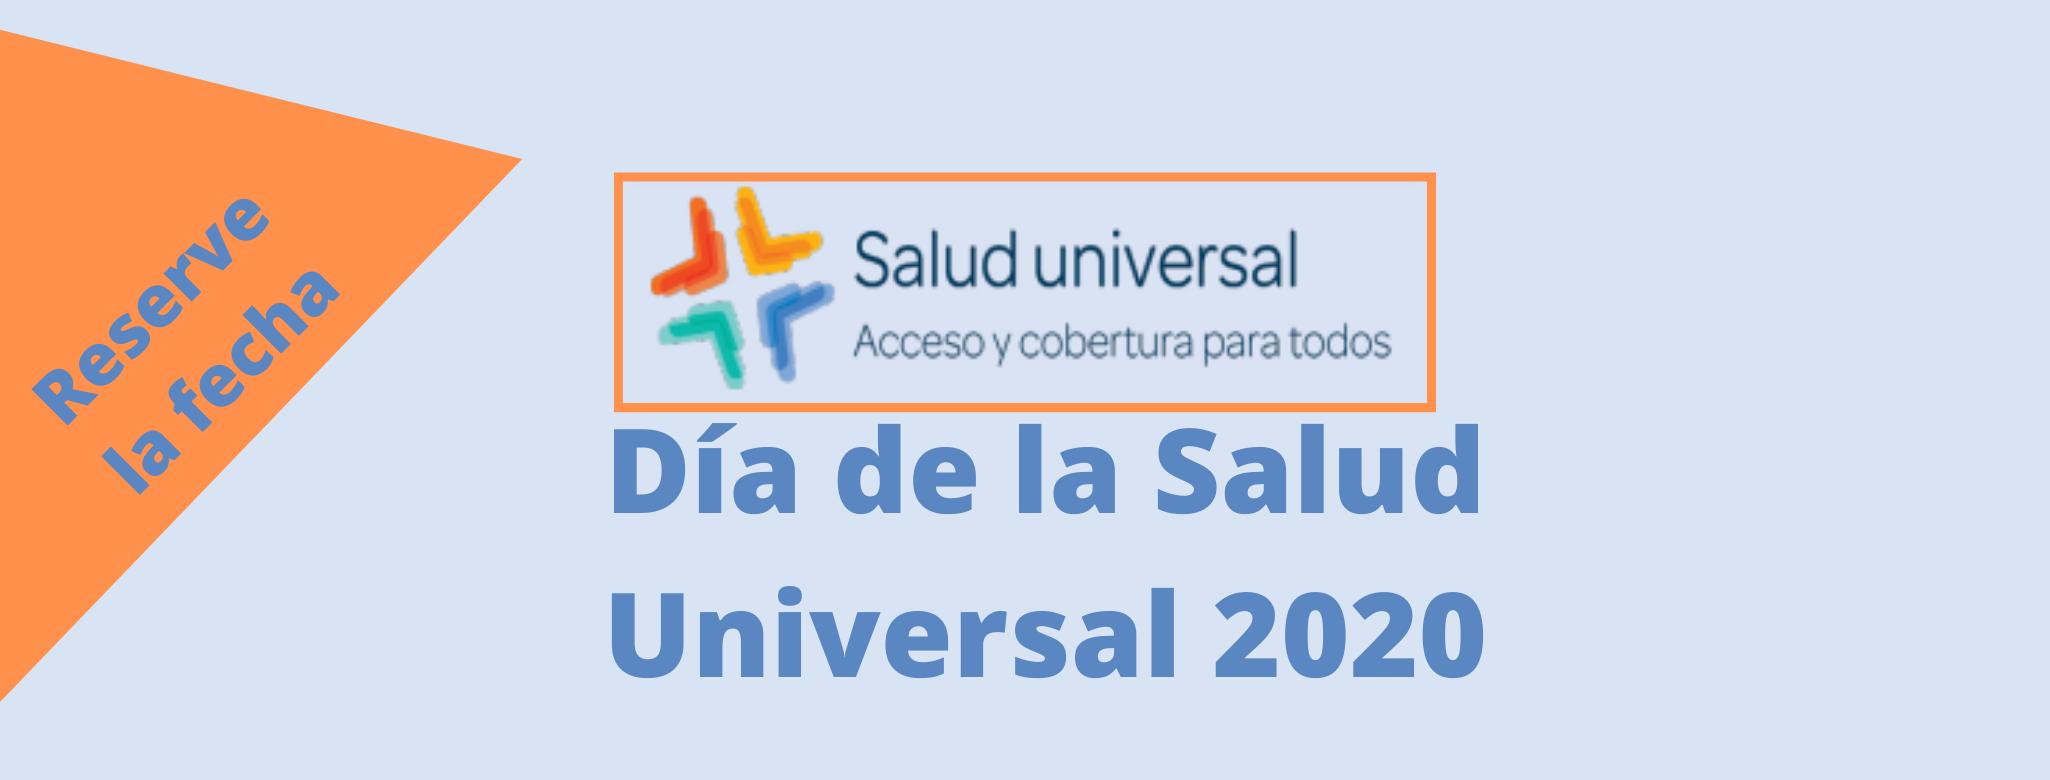 Webinar:: Día de la Salud Universal 2020 / Universal Health Day 2020